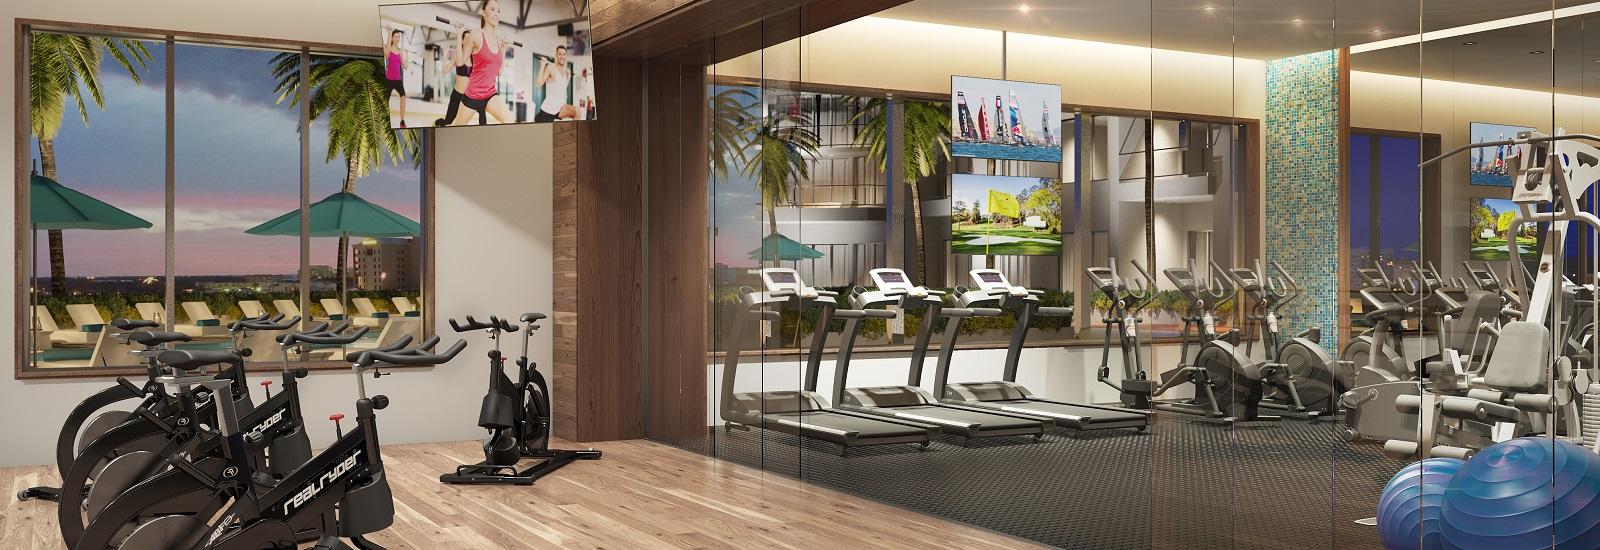 TheMark_FitnessCenter.jpg